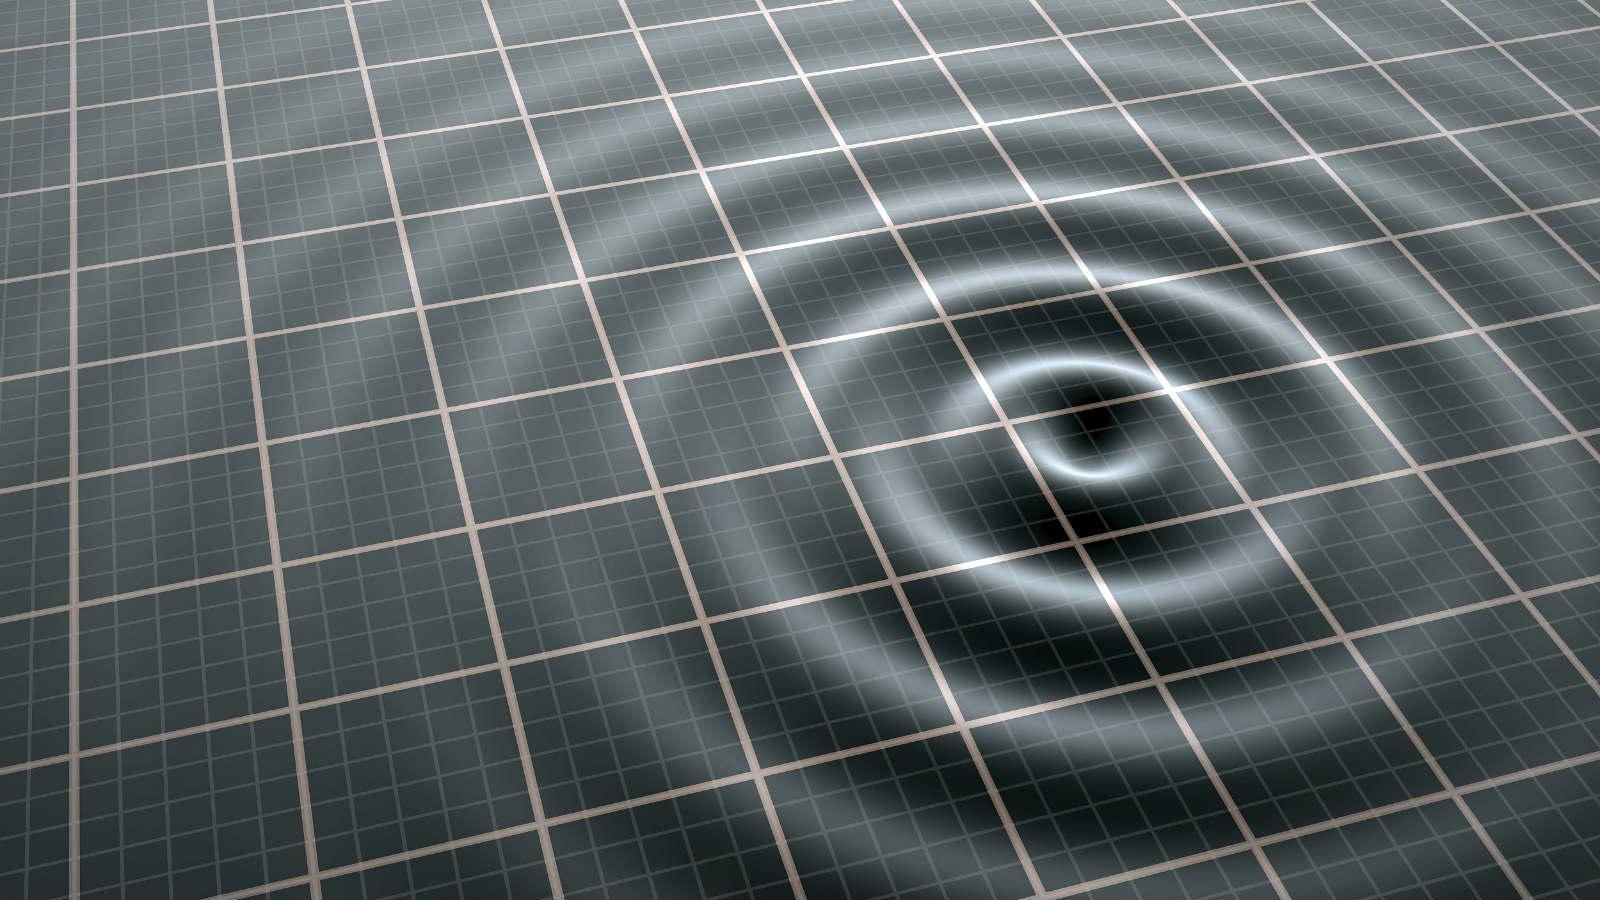 5.7-magnitude quake hits 26 km south of Atiquipa, Peru -- USGS